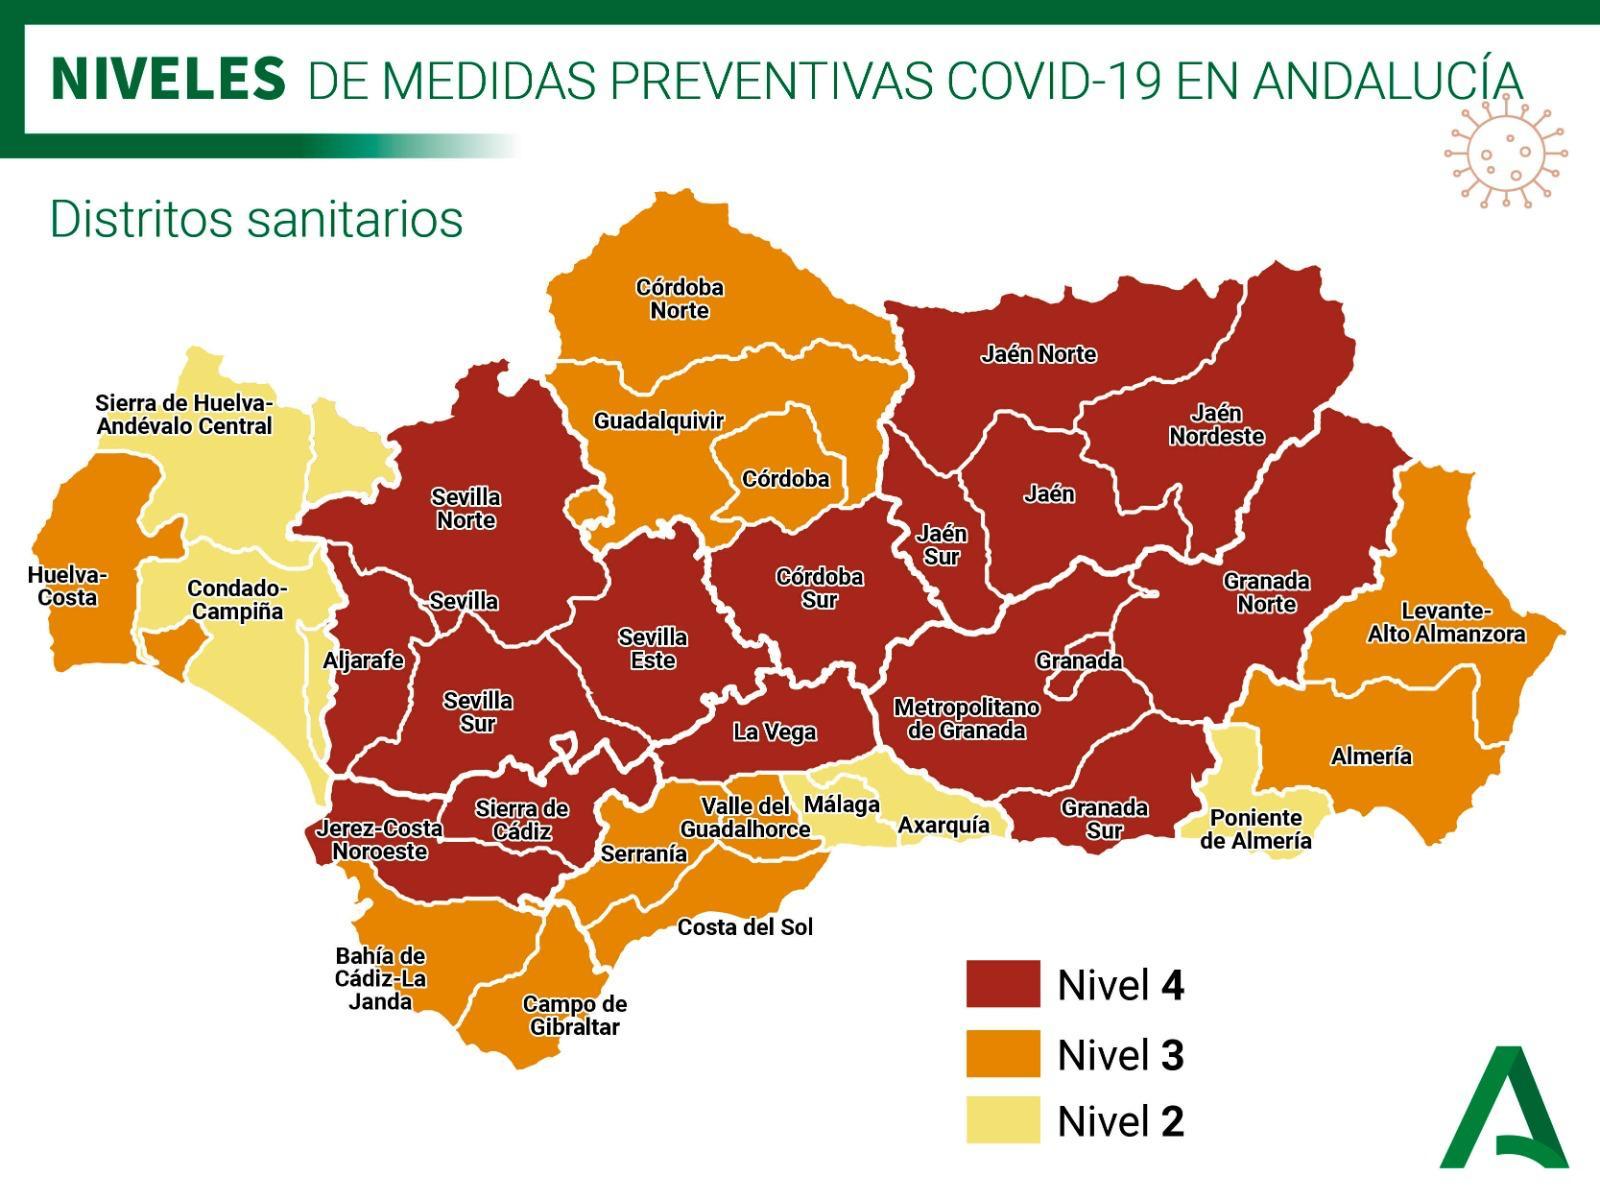 Medidas preventivas Covid-19 por la Junta de Andalucía  1